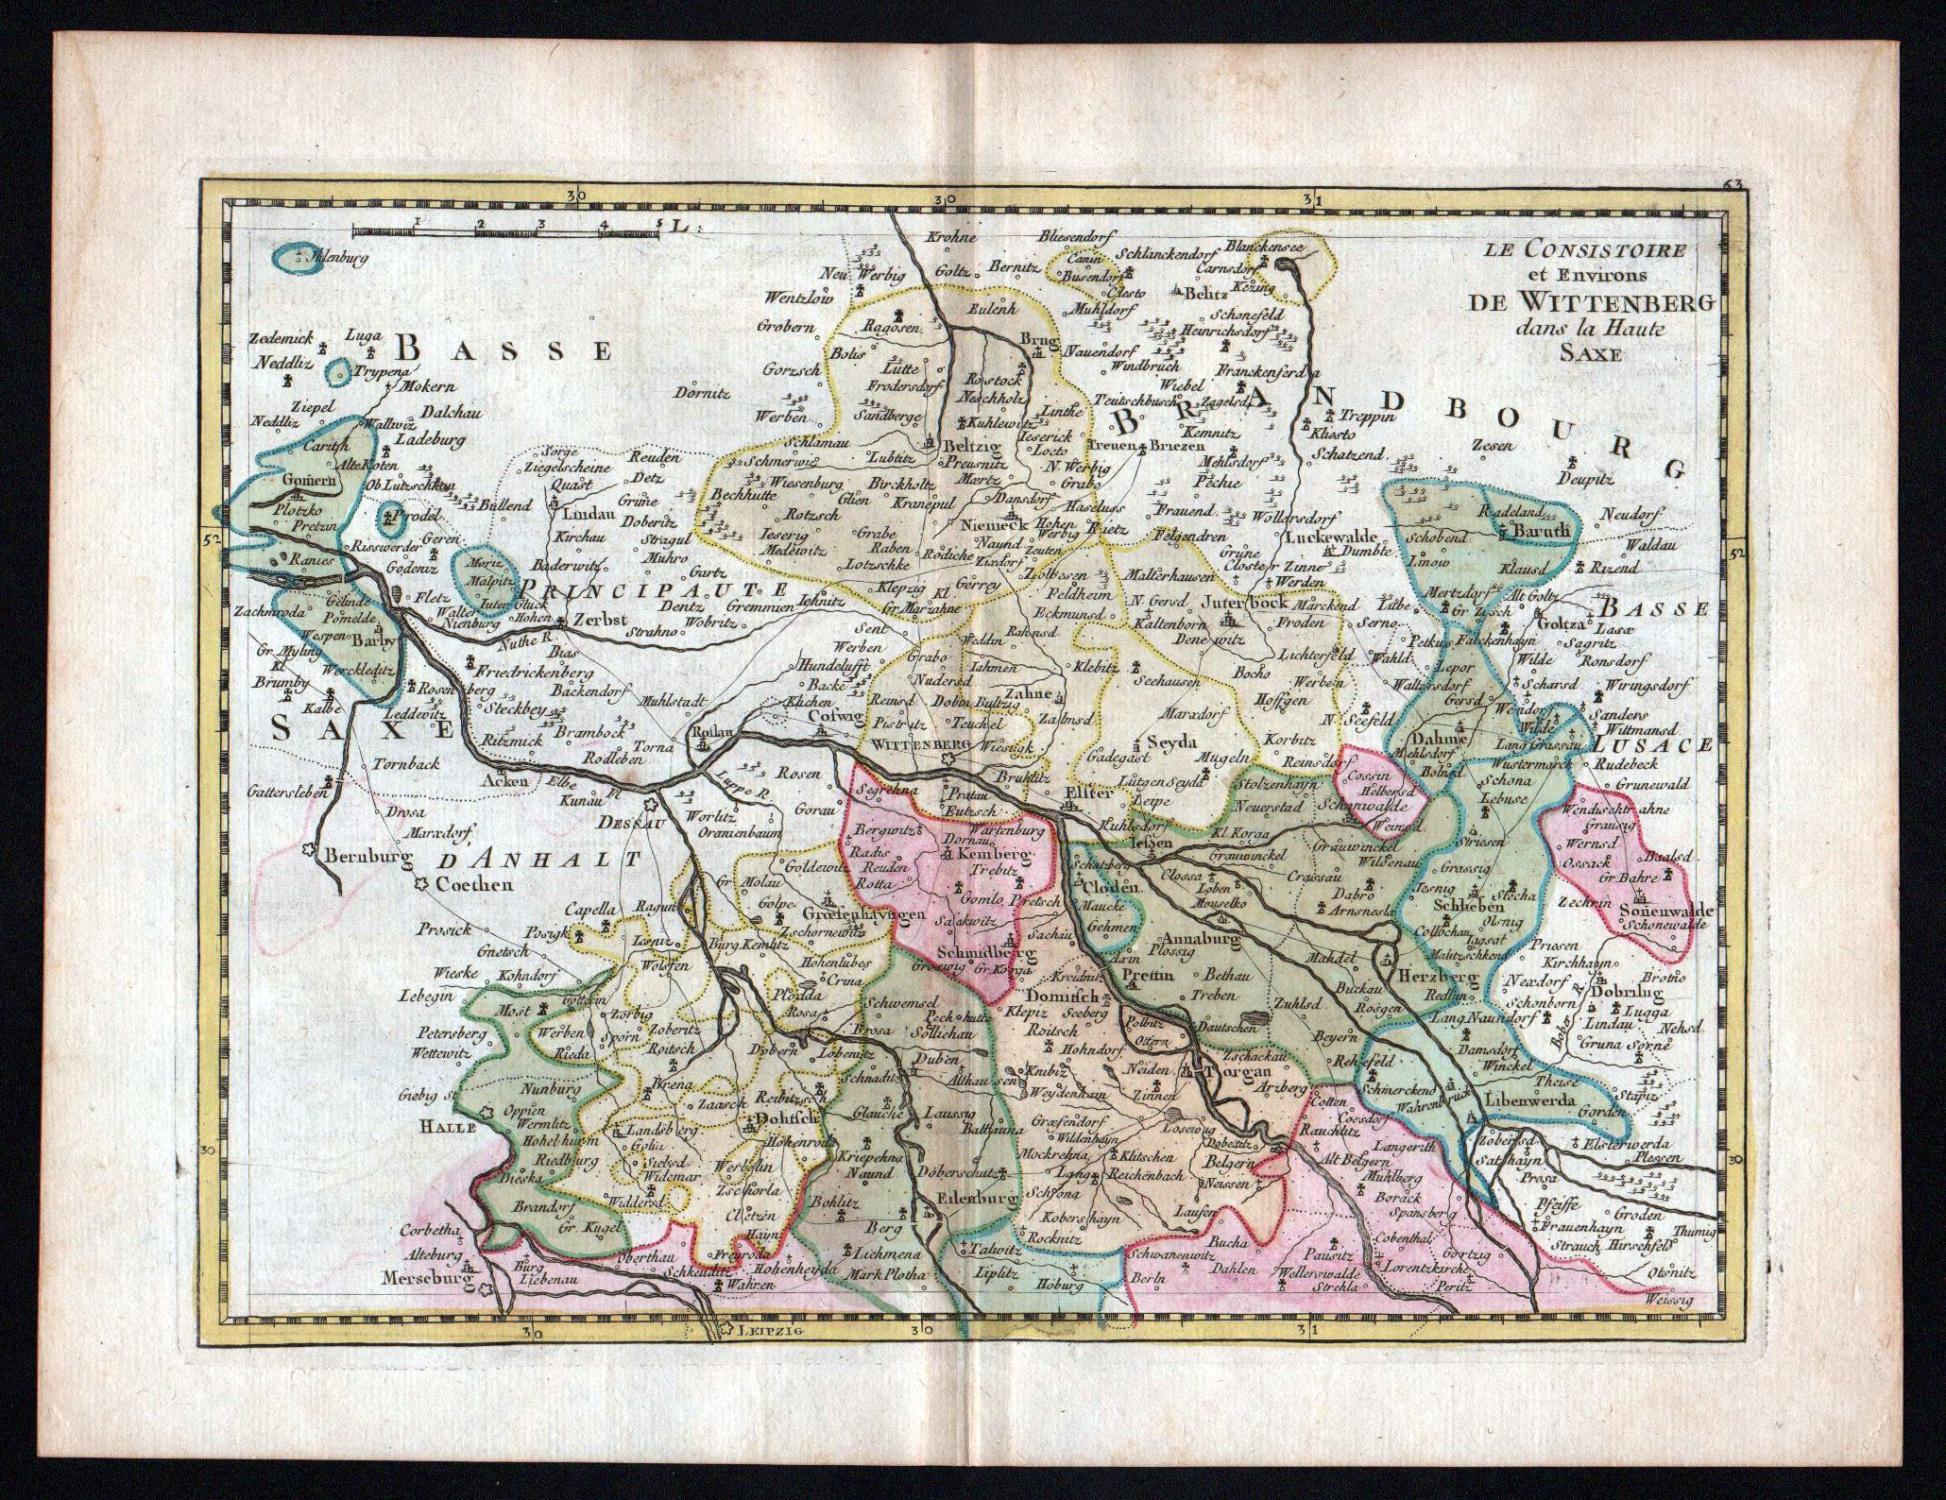 Halle Saale Karte.Le Consistoire Et Environs De Wittenberg